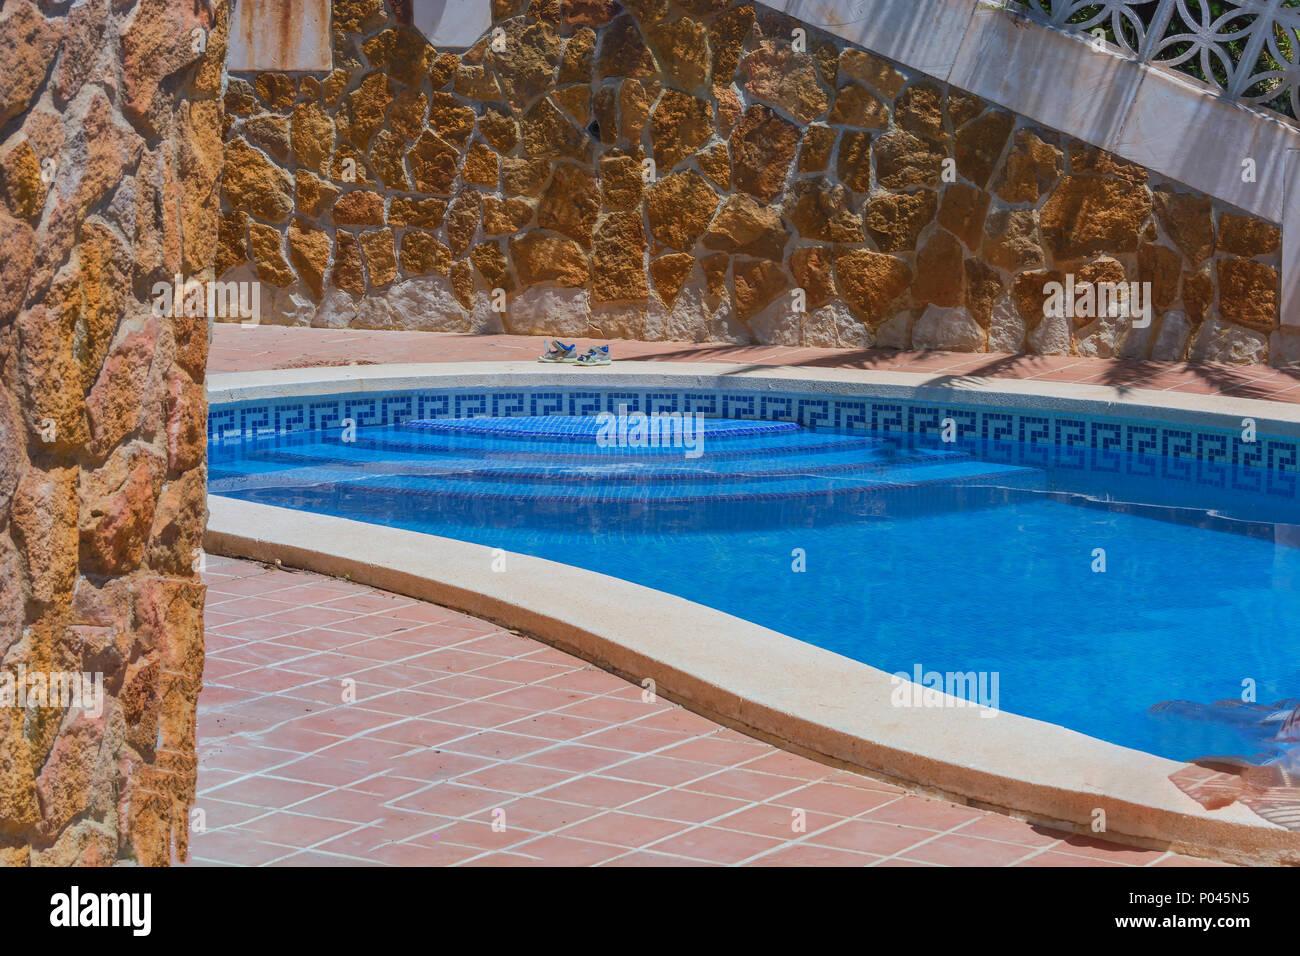 Luxus Schwimmbad Mit Der Wunderschönen Landschaft Des Gebietes. Im  Hintergrund Eine Mediterrane Wand Dekoriert Mit Sandsteinen.